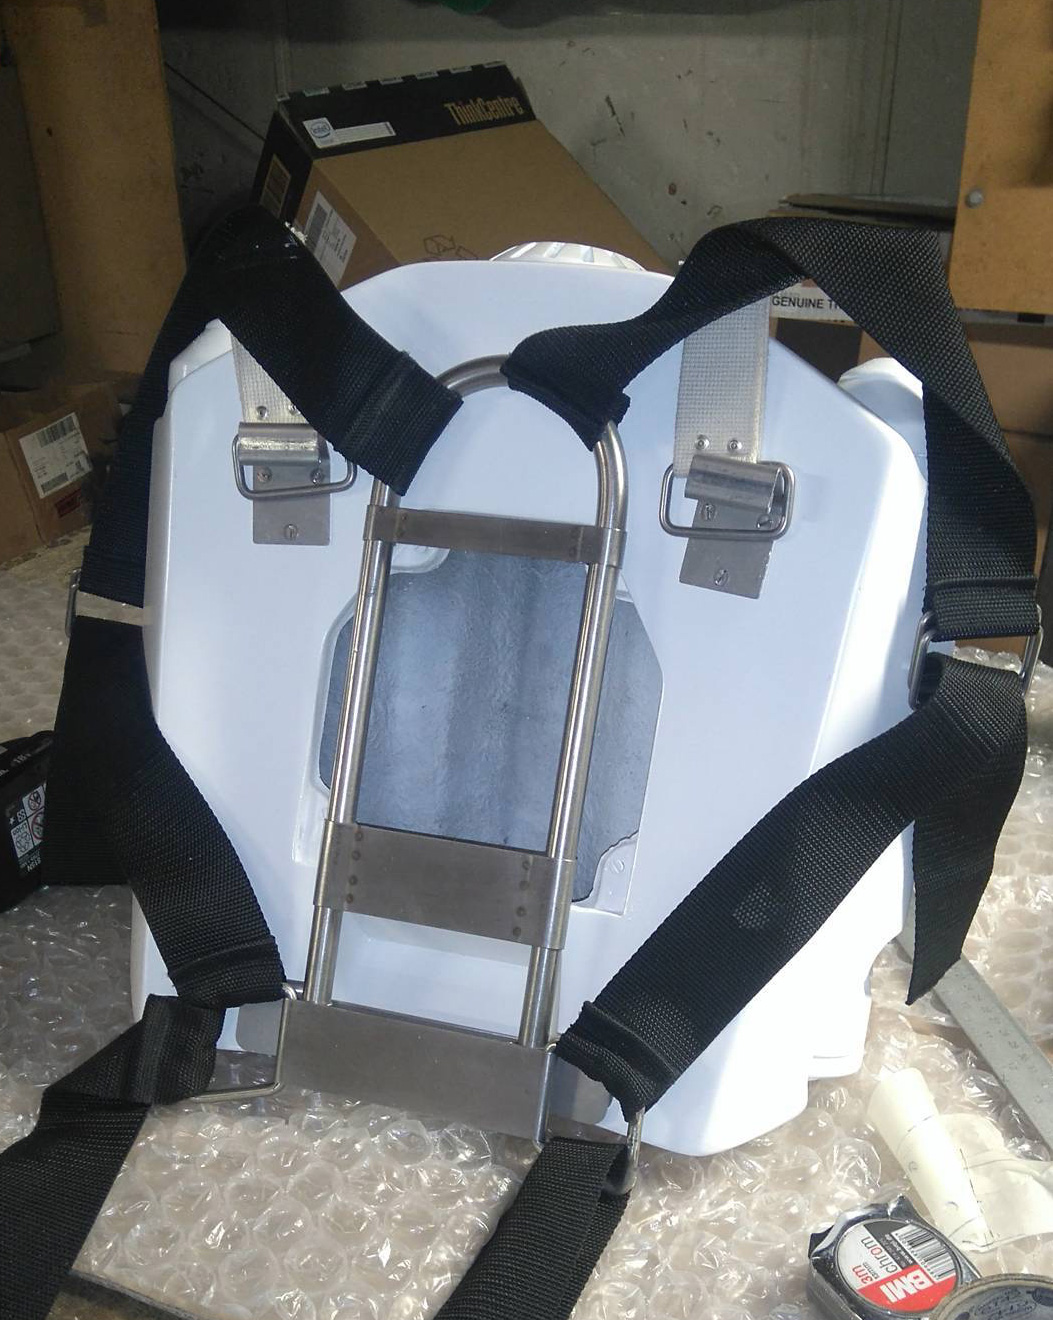 boba-fett-prototype-jetpack-mount-geoff-dymond